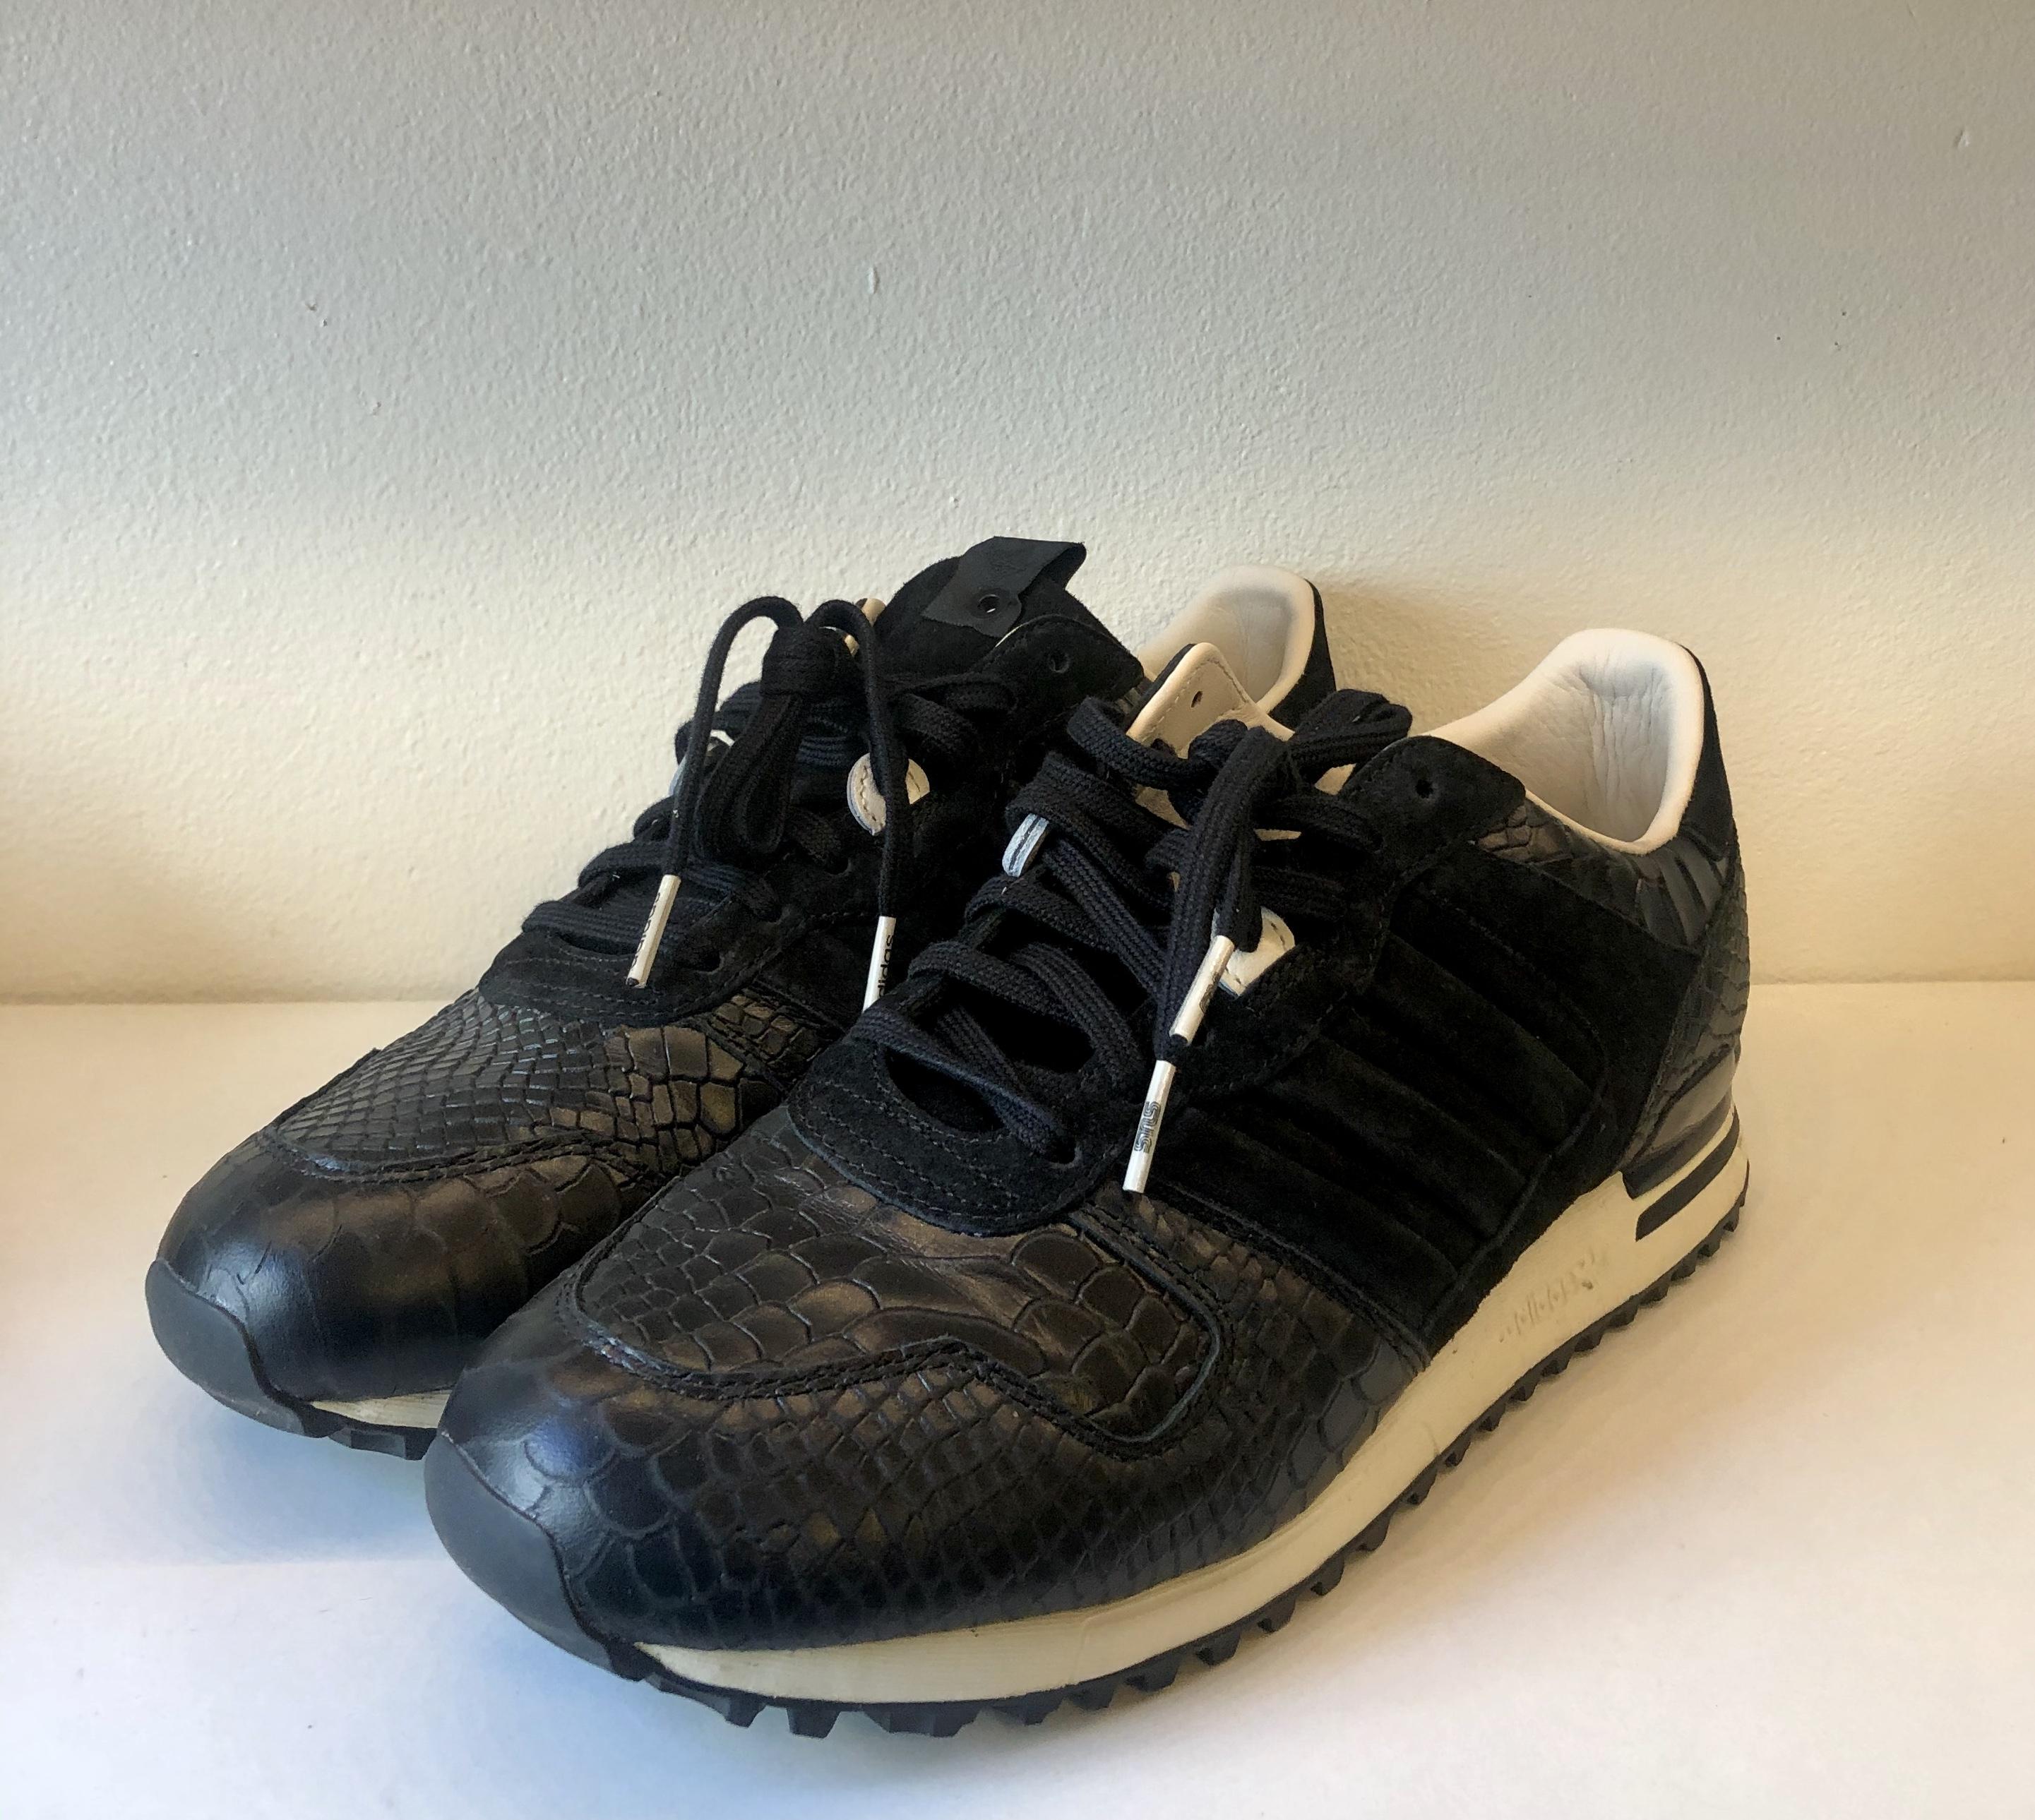 Adidas ZX 700 Sneakersnstuff